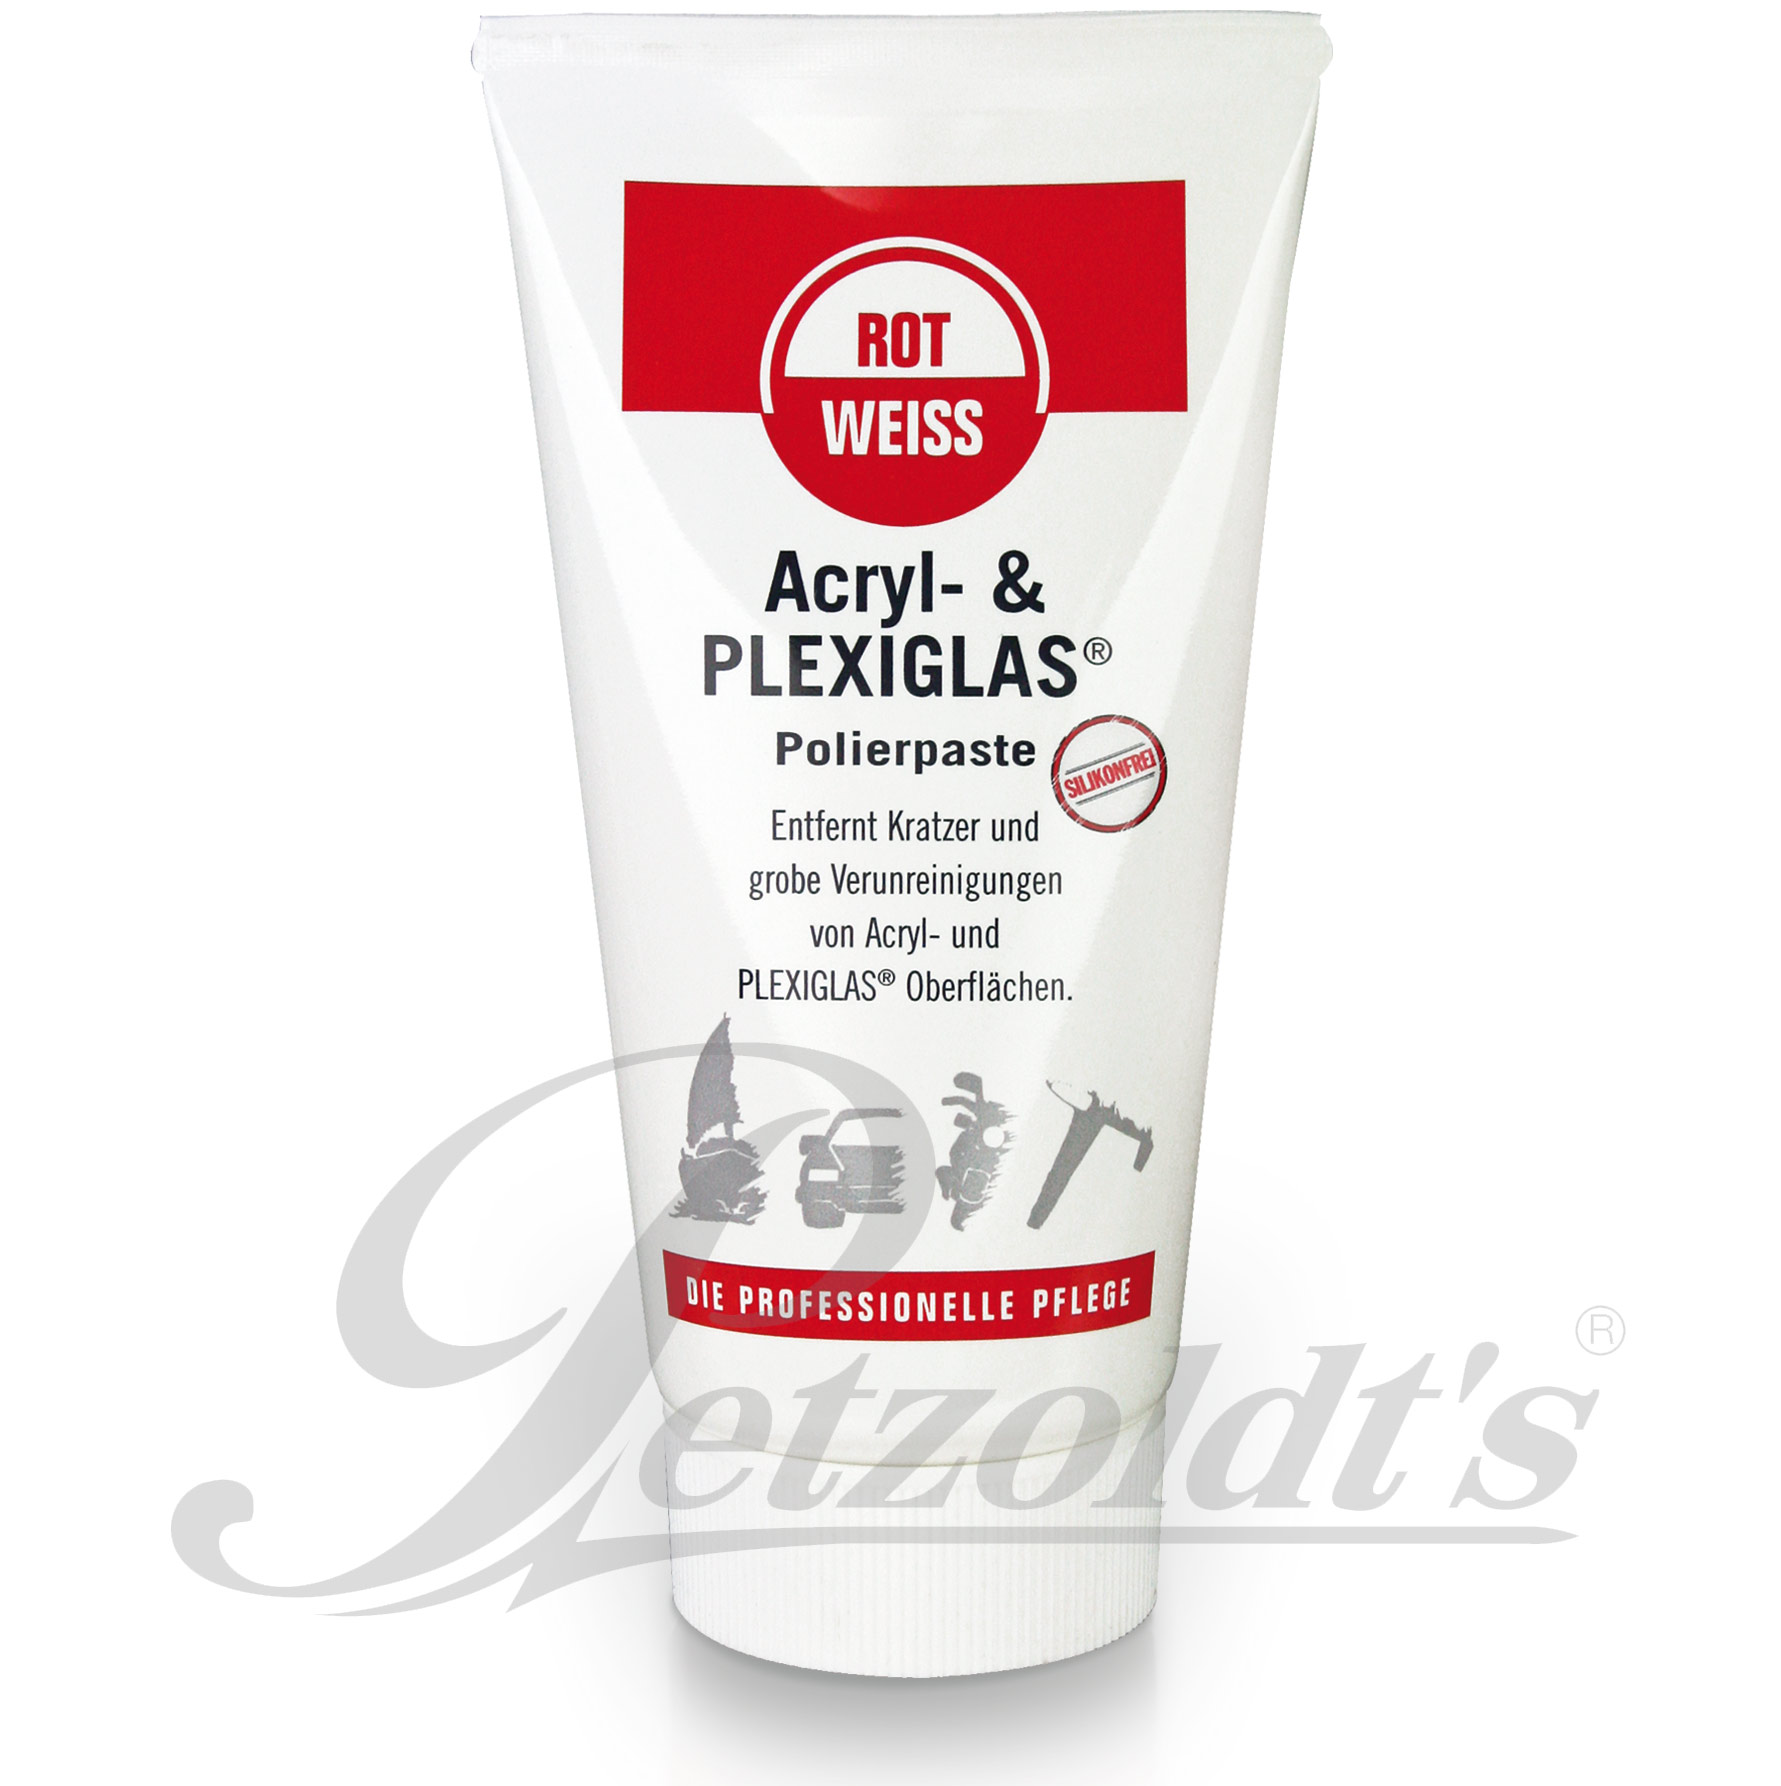 Acryl- und PLEXIGLAS Polierpaste von RotWeiss, 150ml